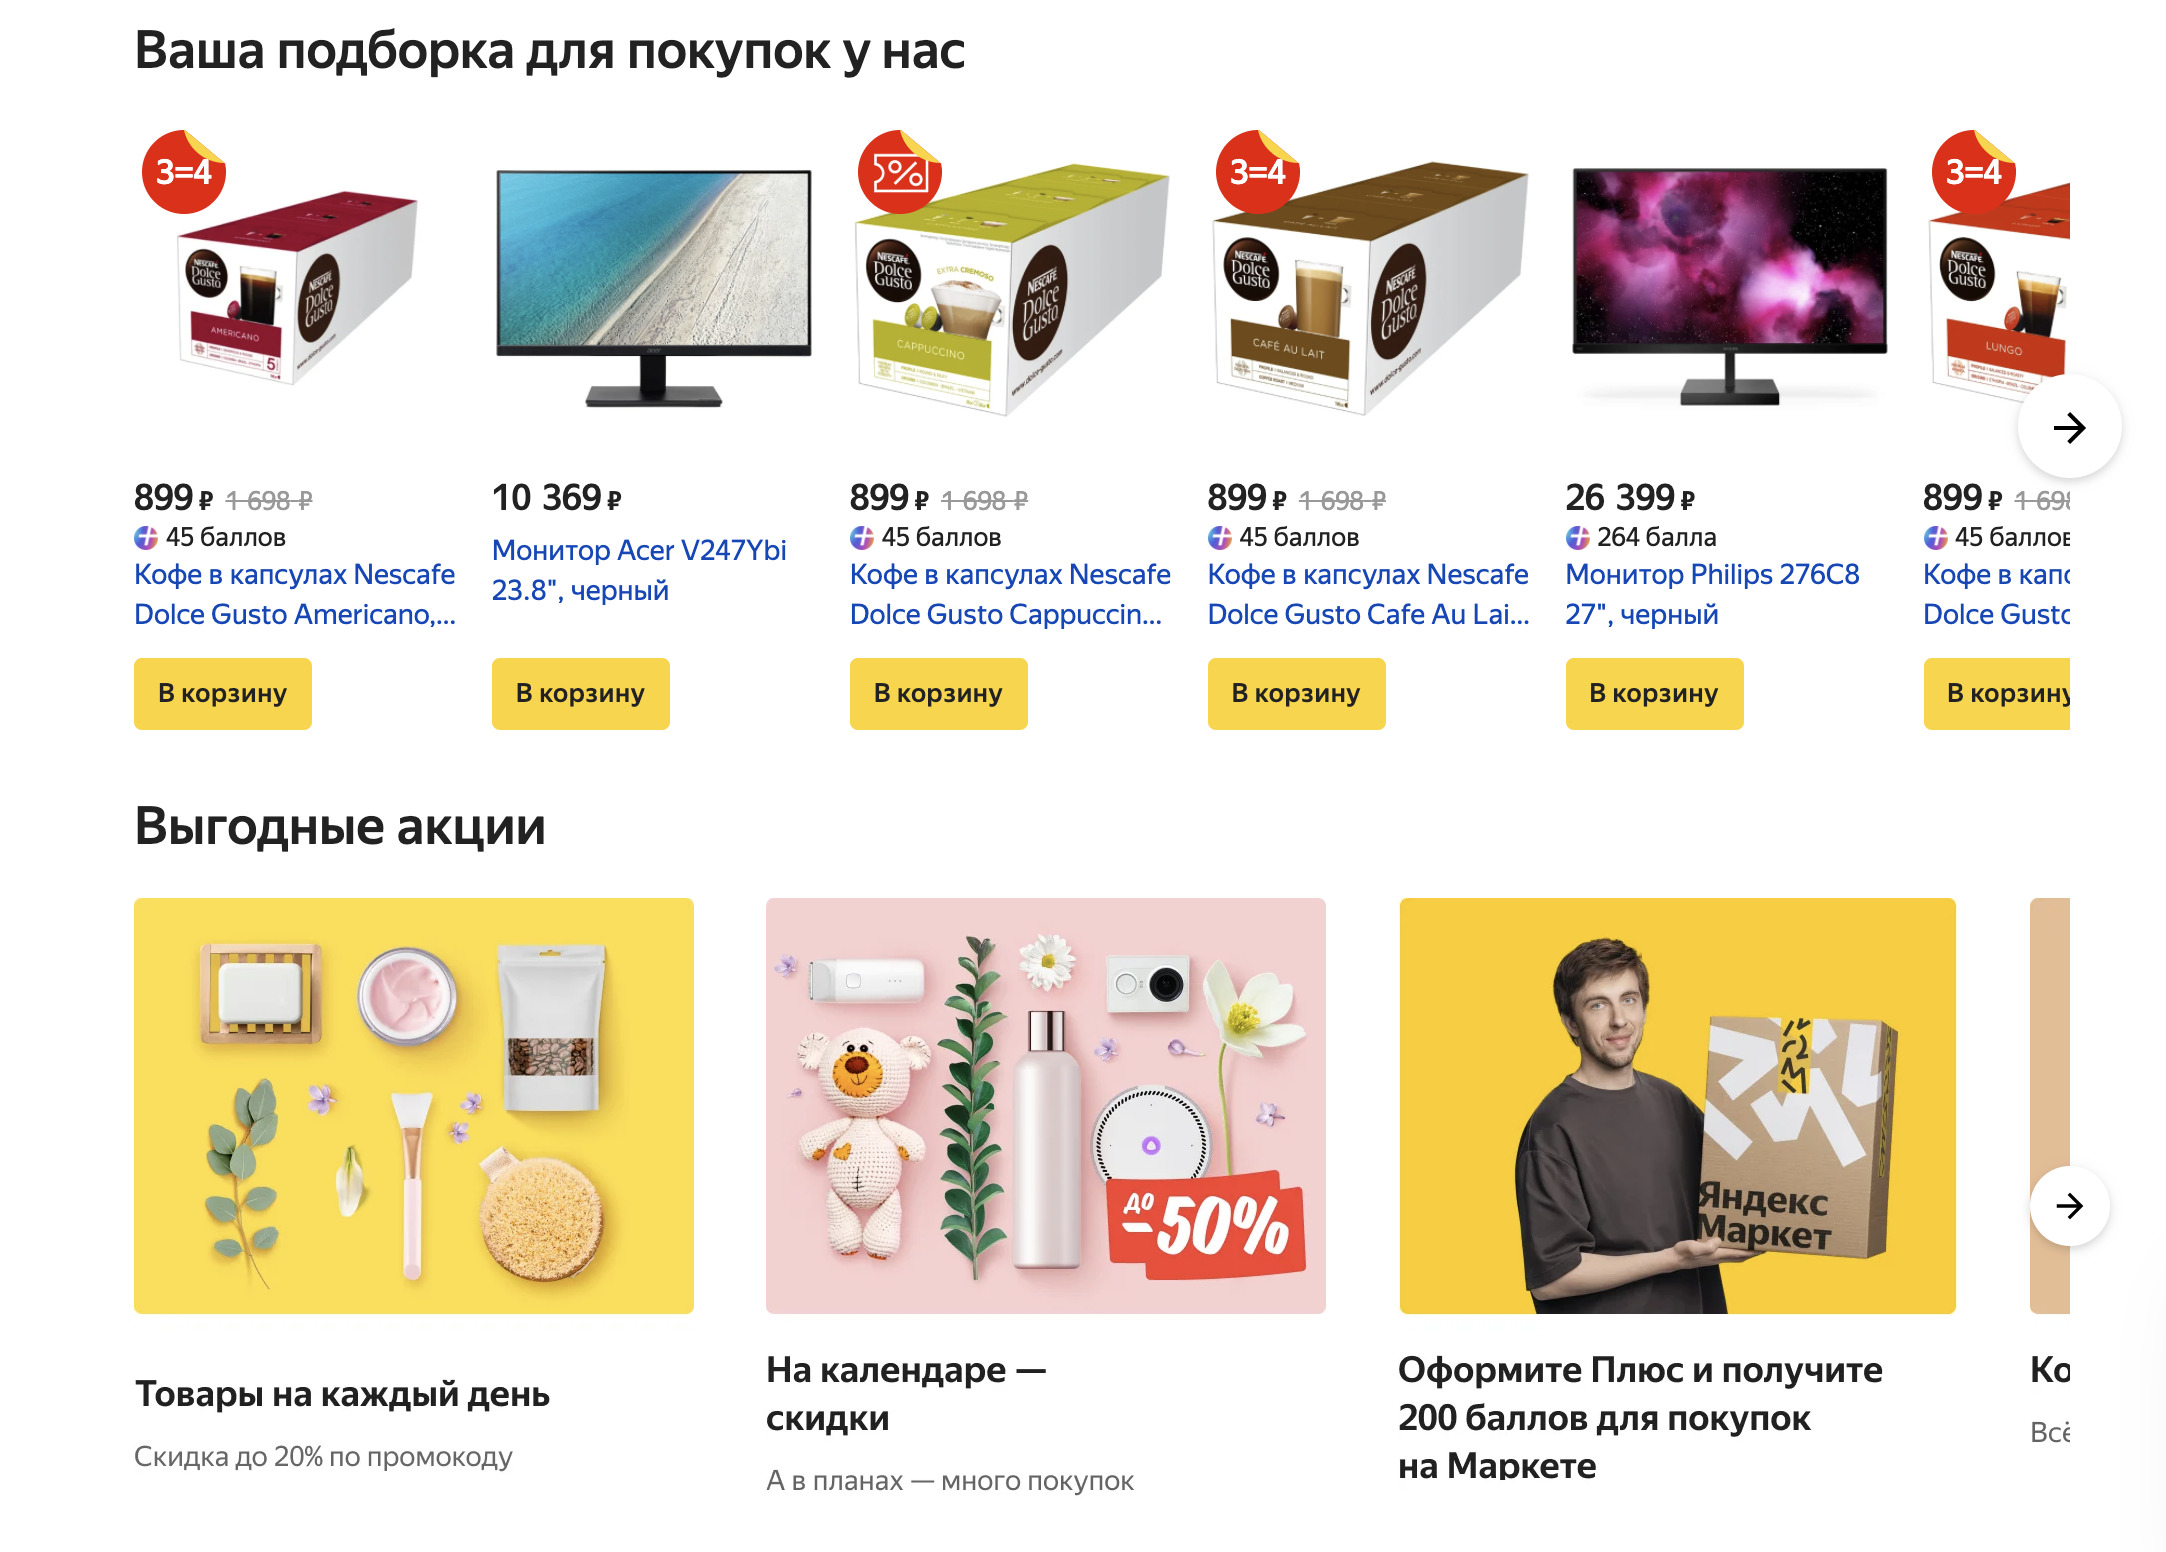 Доставка из Яндекс.Маркет в Республику Коми, сроки, пункты выдачи, каталог